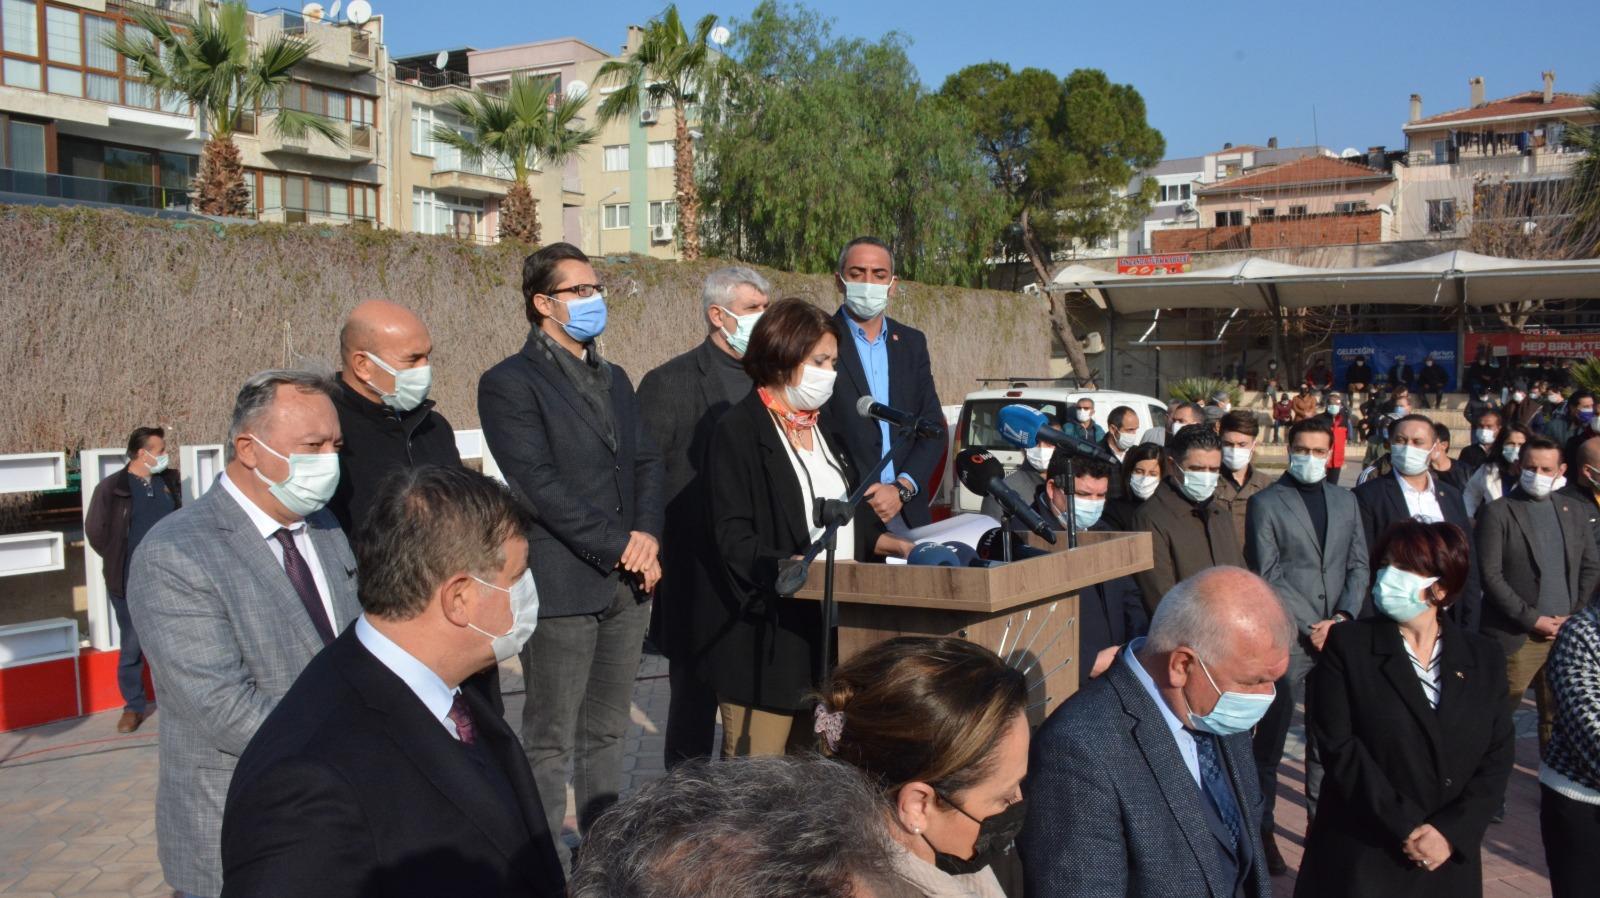 Menemen Belediyesi Başkan Vekili Deniz Karakurt: